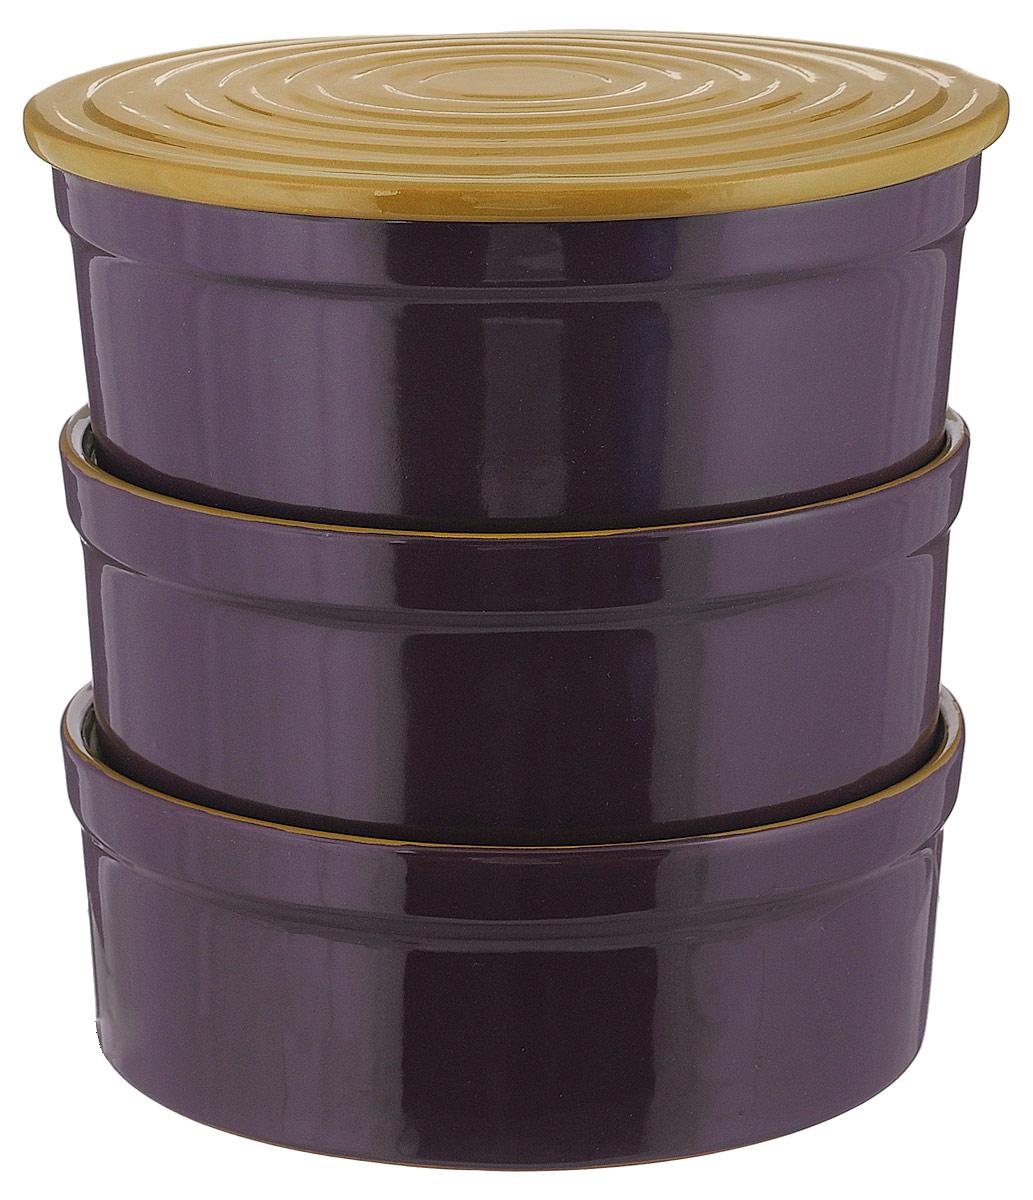 Набор столовой посуды Борисовская керамика Белогорье, цвет: баклажановый, горчичный, 4 предмета, 3 лРАД14445Набор столовой посуды для холодца Борисовская керамика Белогорье состоит из трех мисок и крышки. Изделия выполнены из высококачественной глазурованной керамики. Внутреннее и внешнее покрытие изделий изготовлено из экологически чистых природных материалов.Такой набор станет отличным подарком и обязательно пригодится в любом хозяйстве.